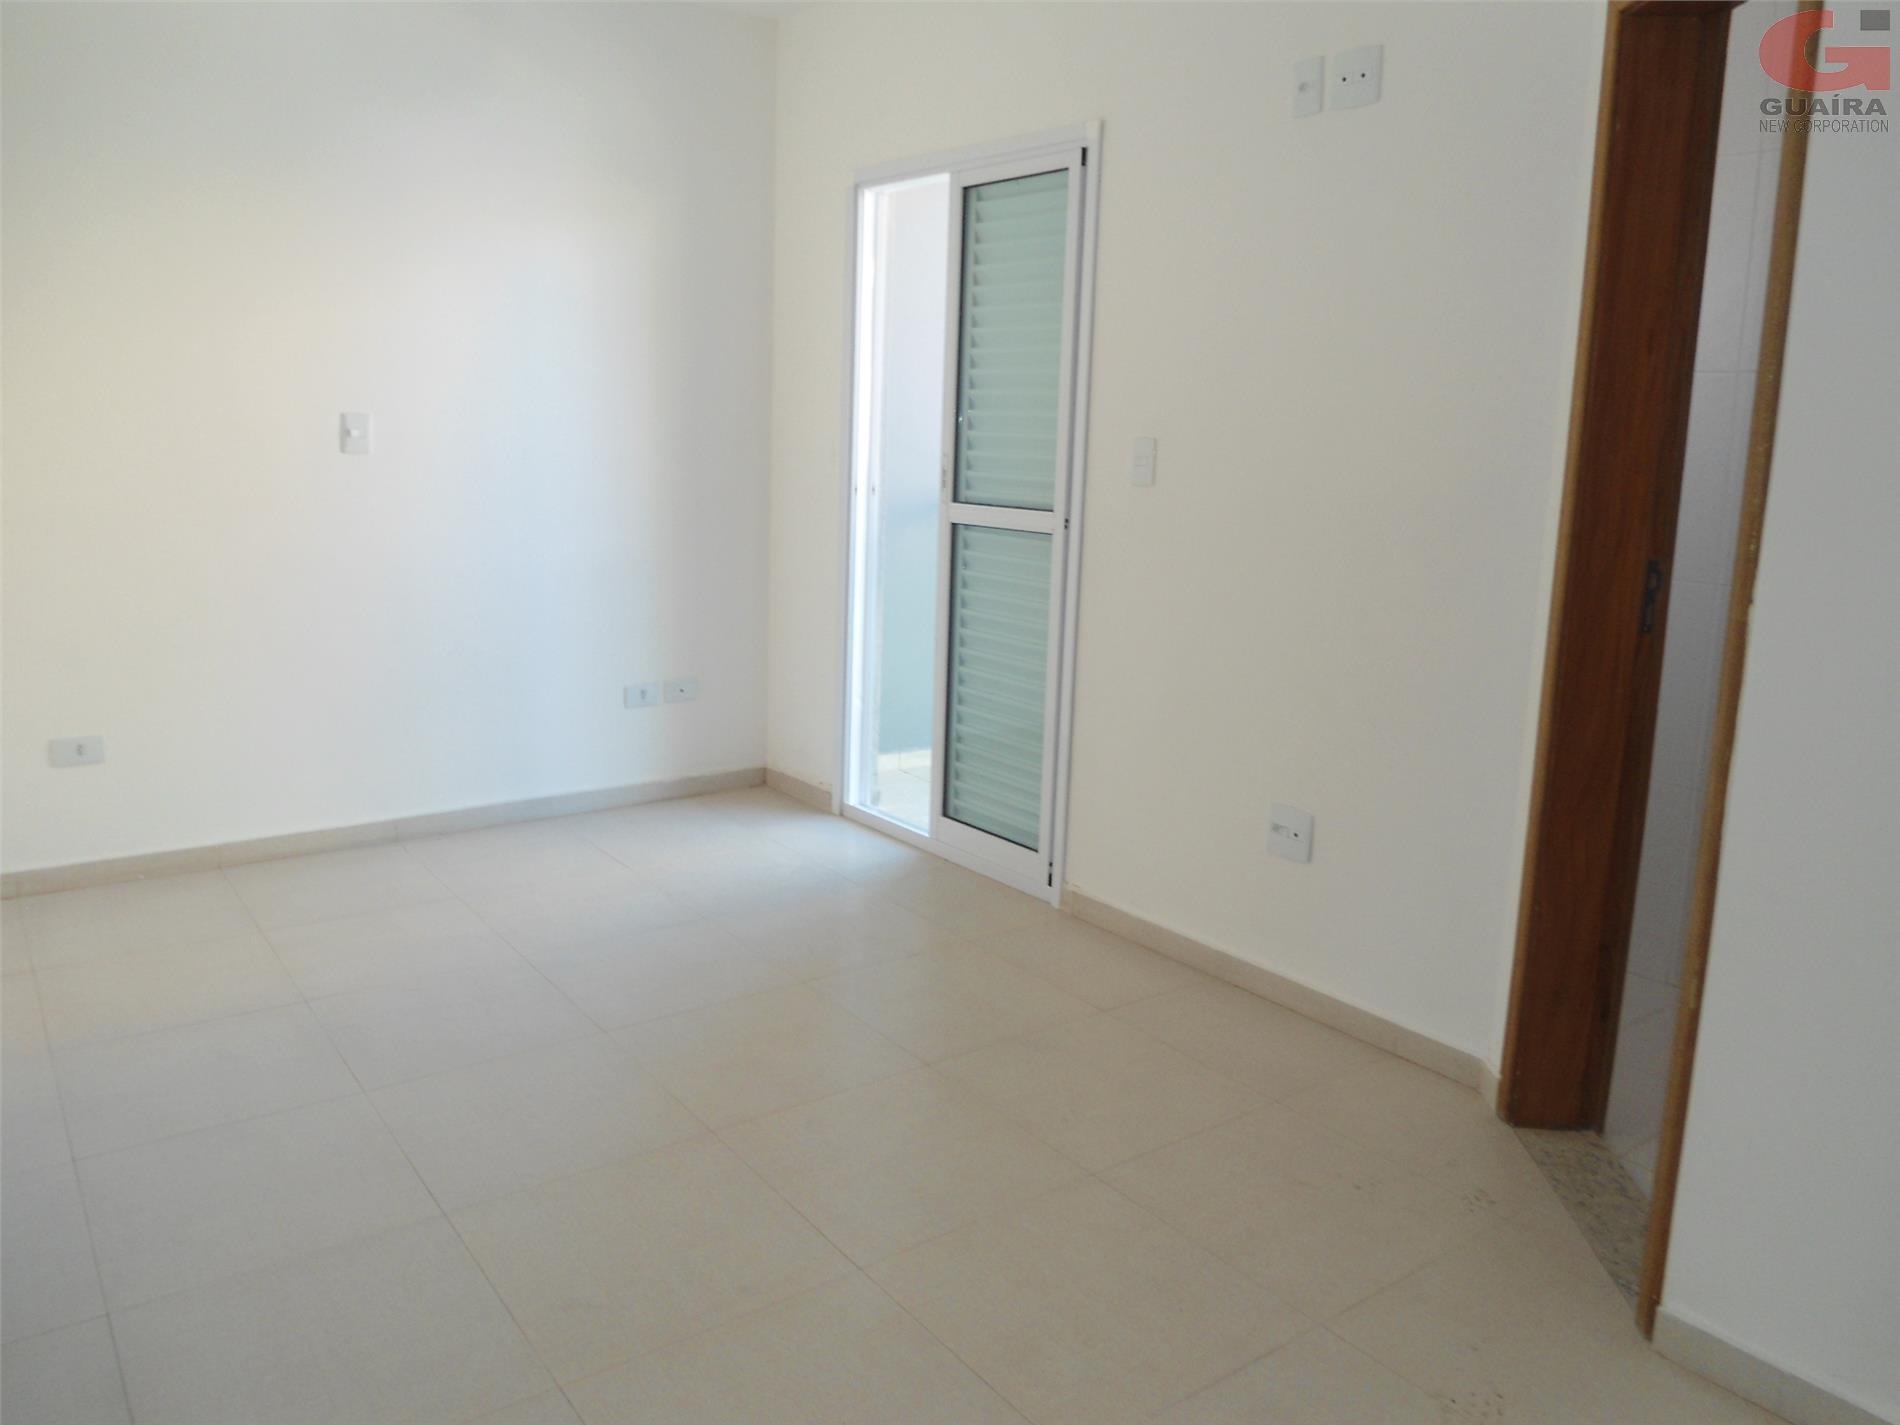 Apartamento de 1 dormitório em Parque Oratório, Santo André - SP